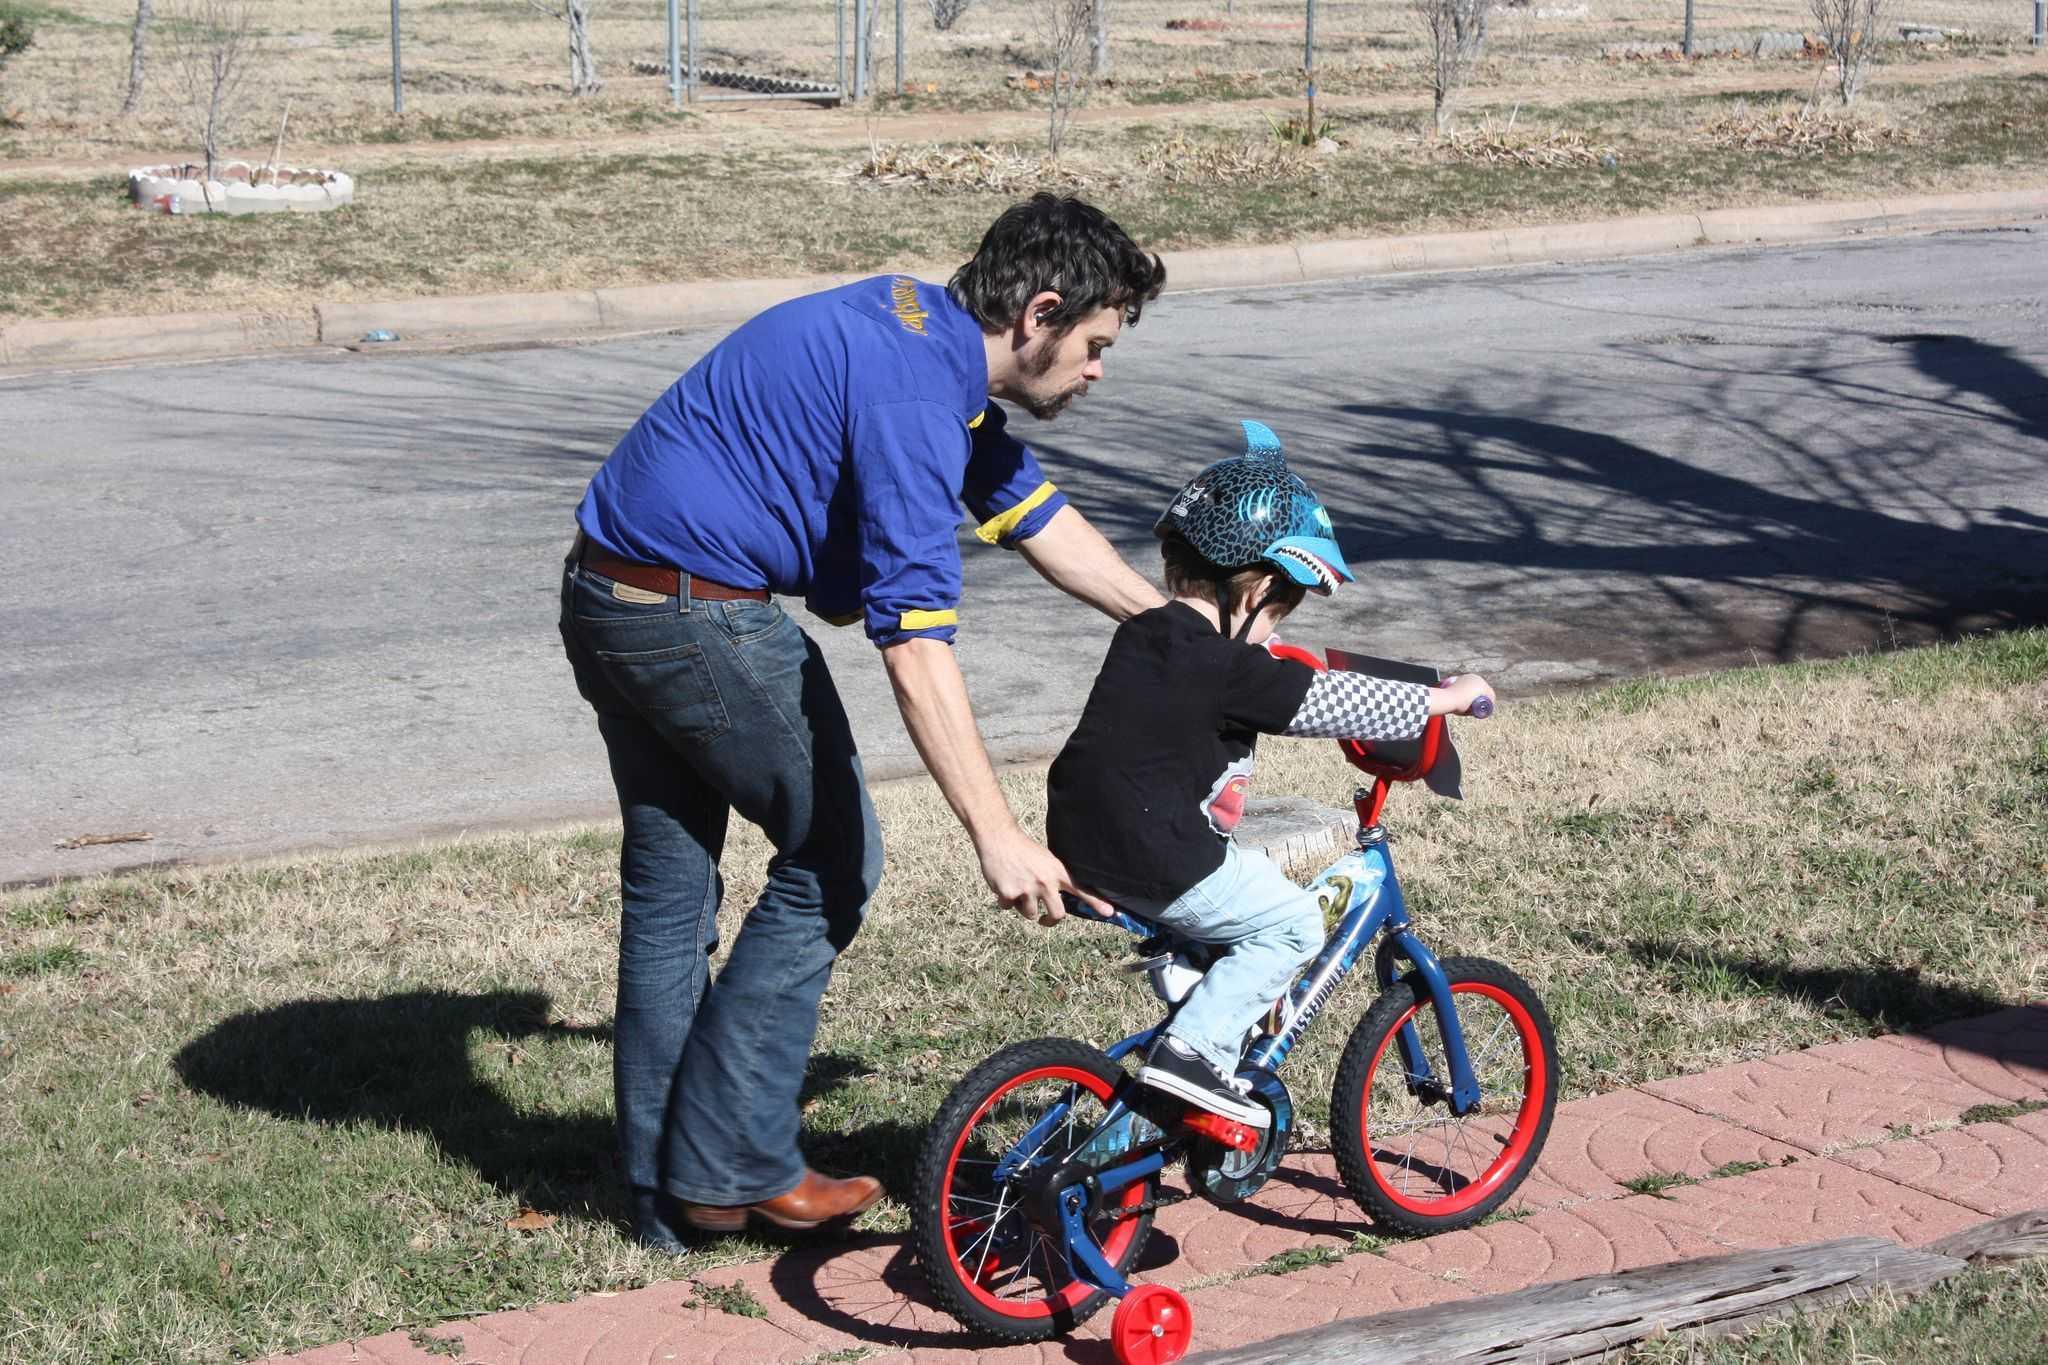 Ojciec pomaga synowi jeździć na rowerze